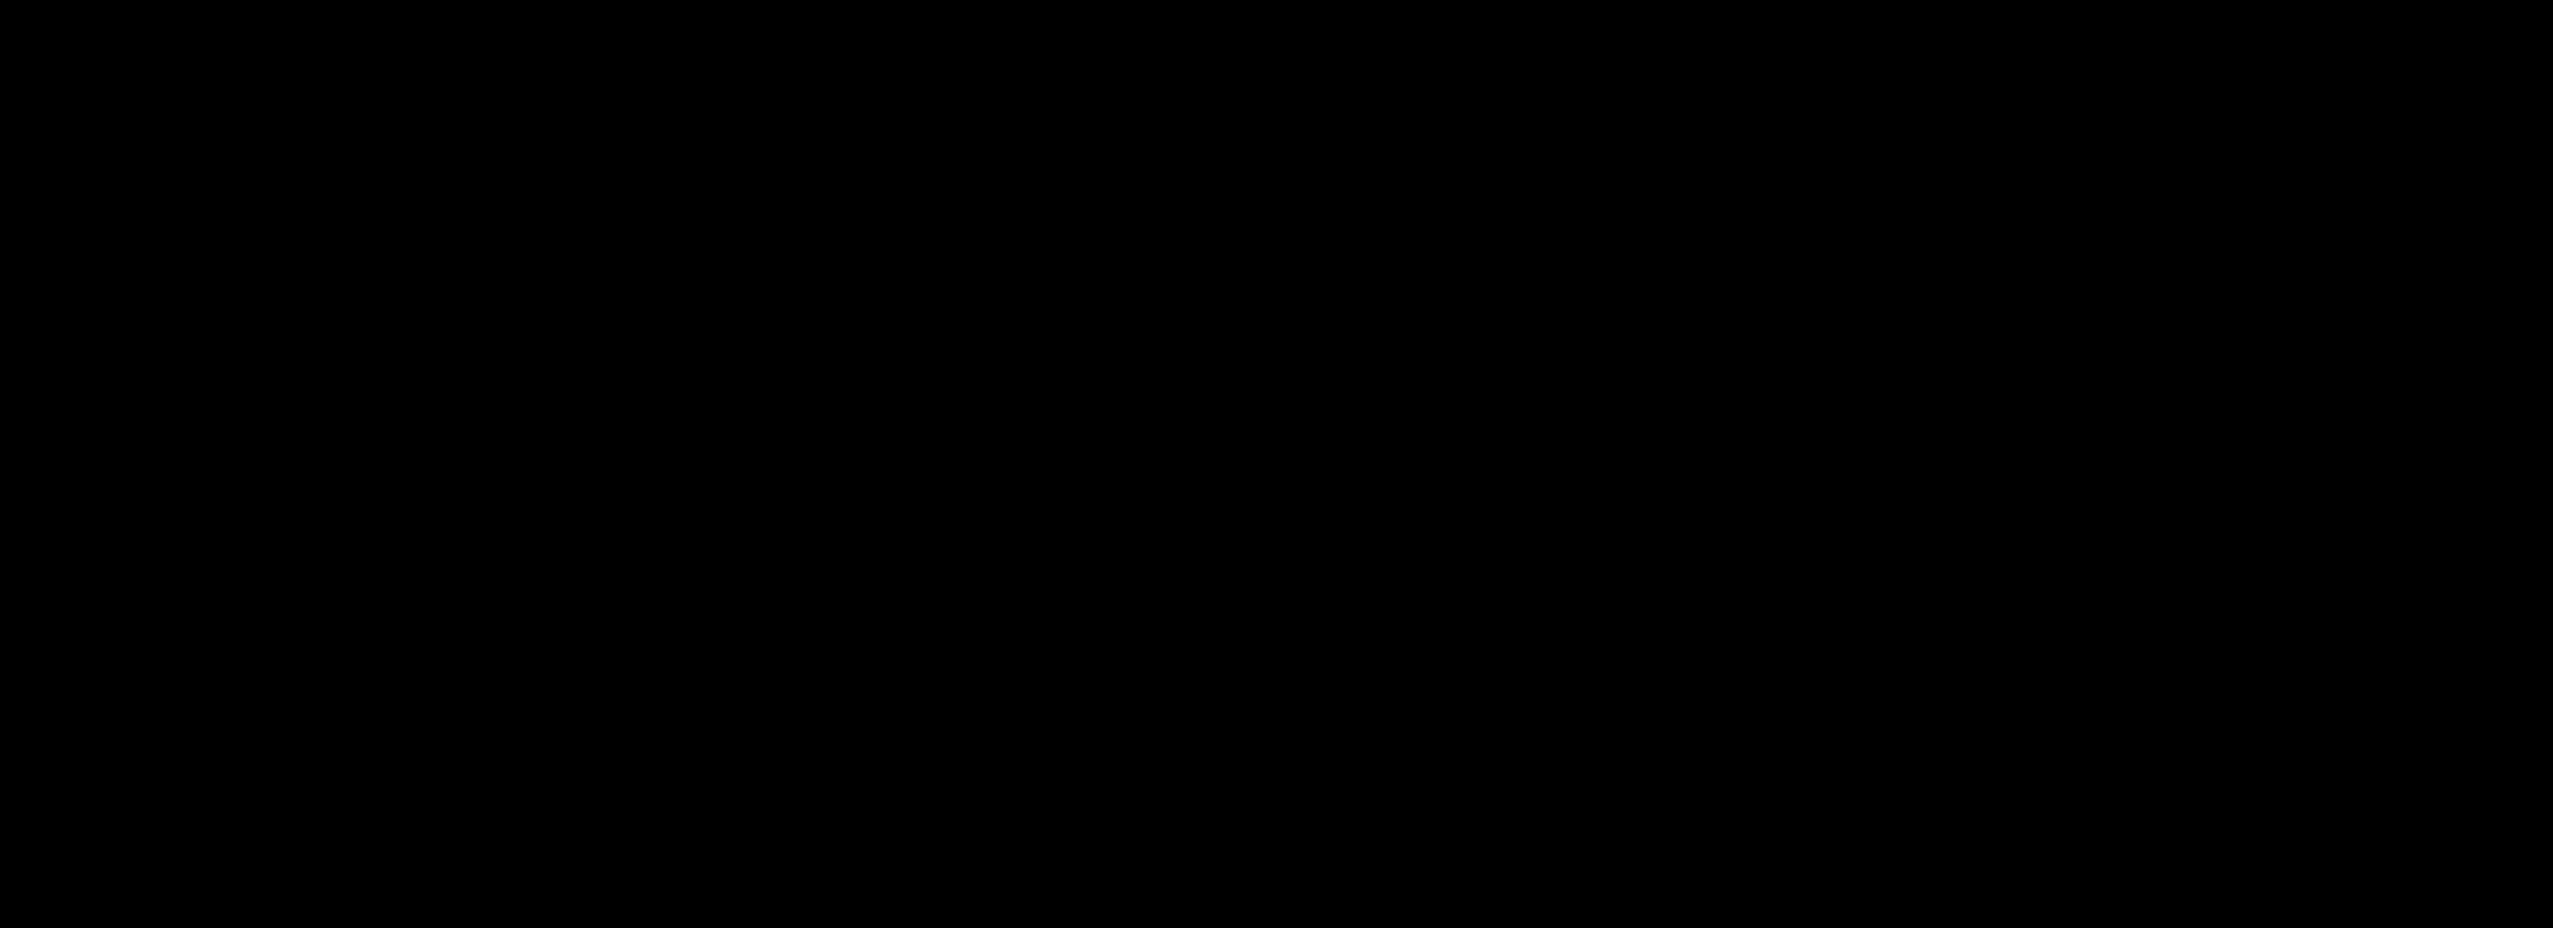 logo the specialist marketing con letras